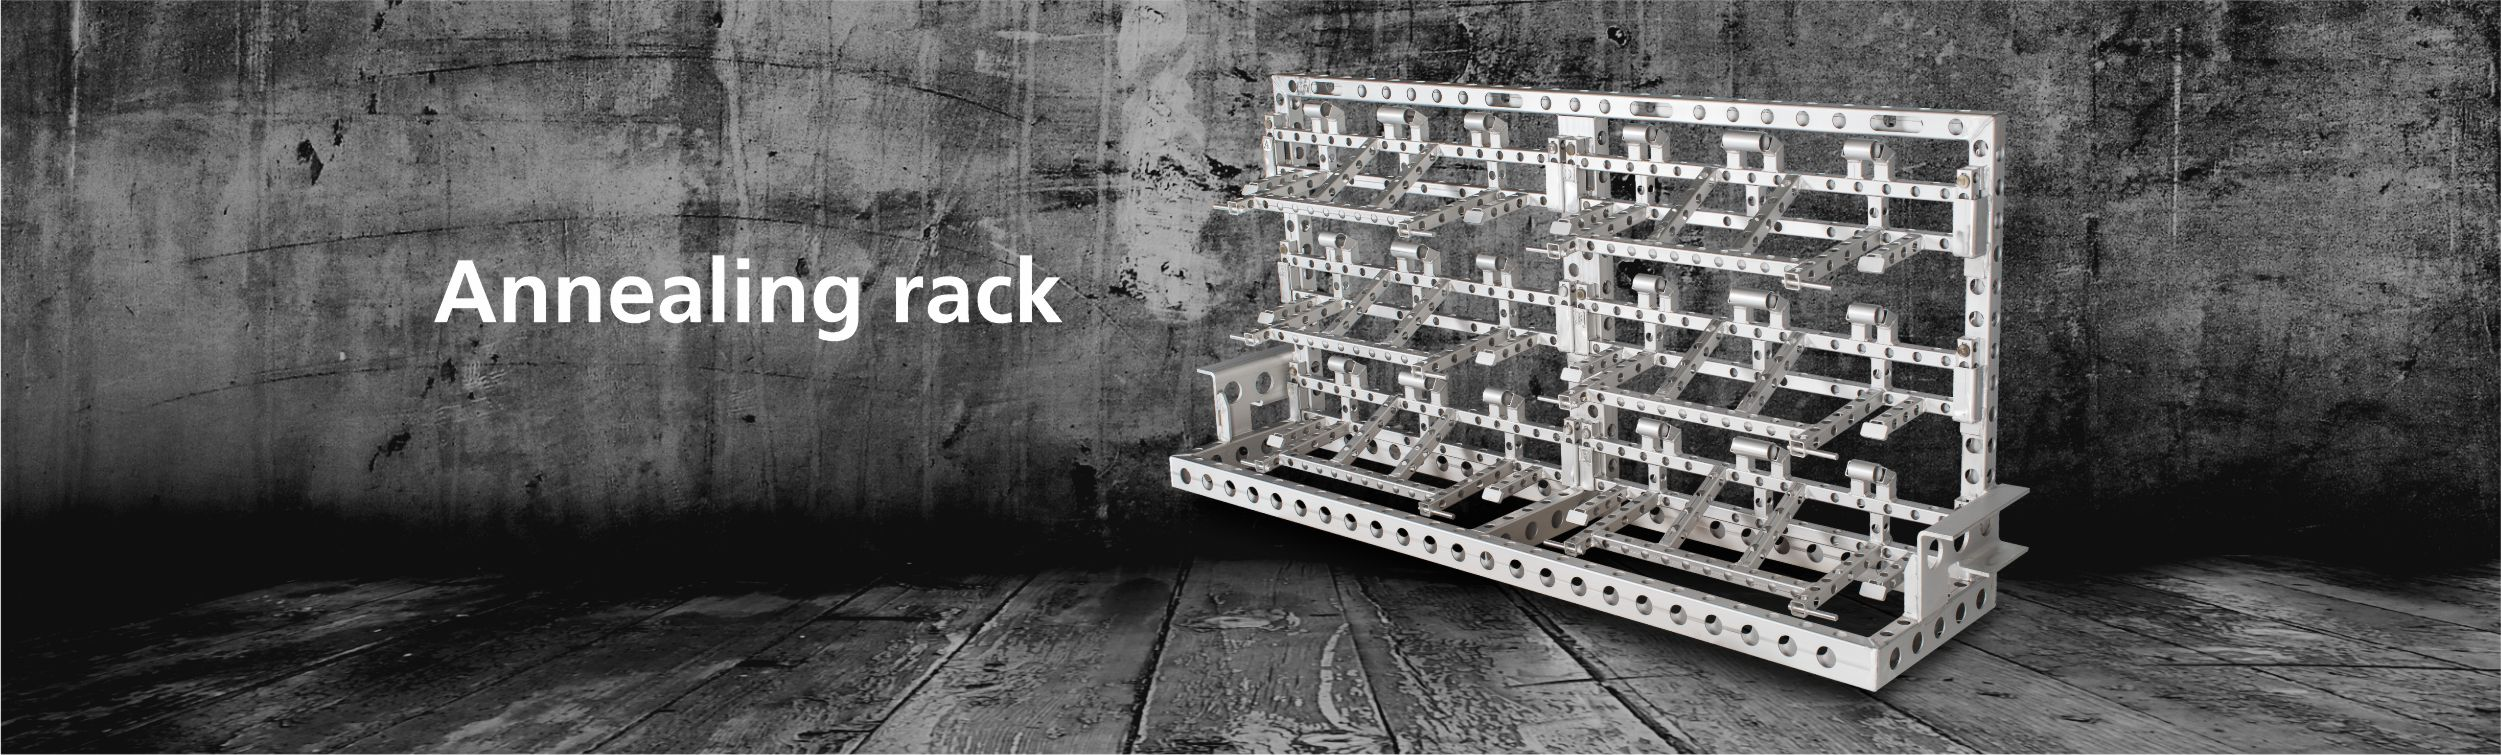 annealing_rack